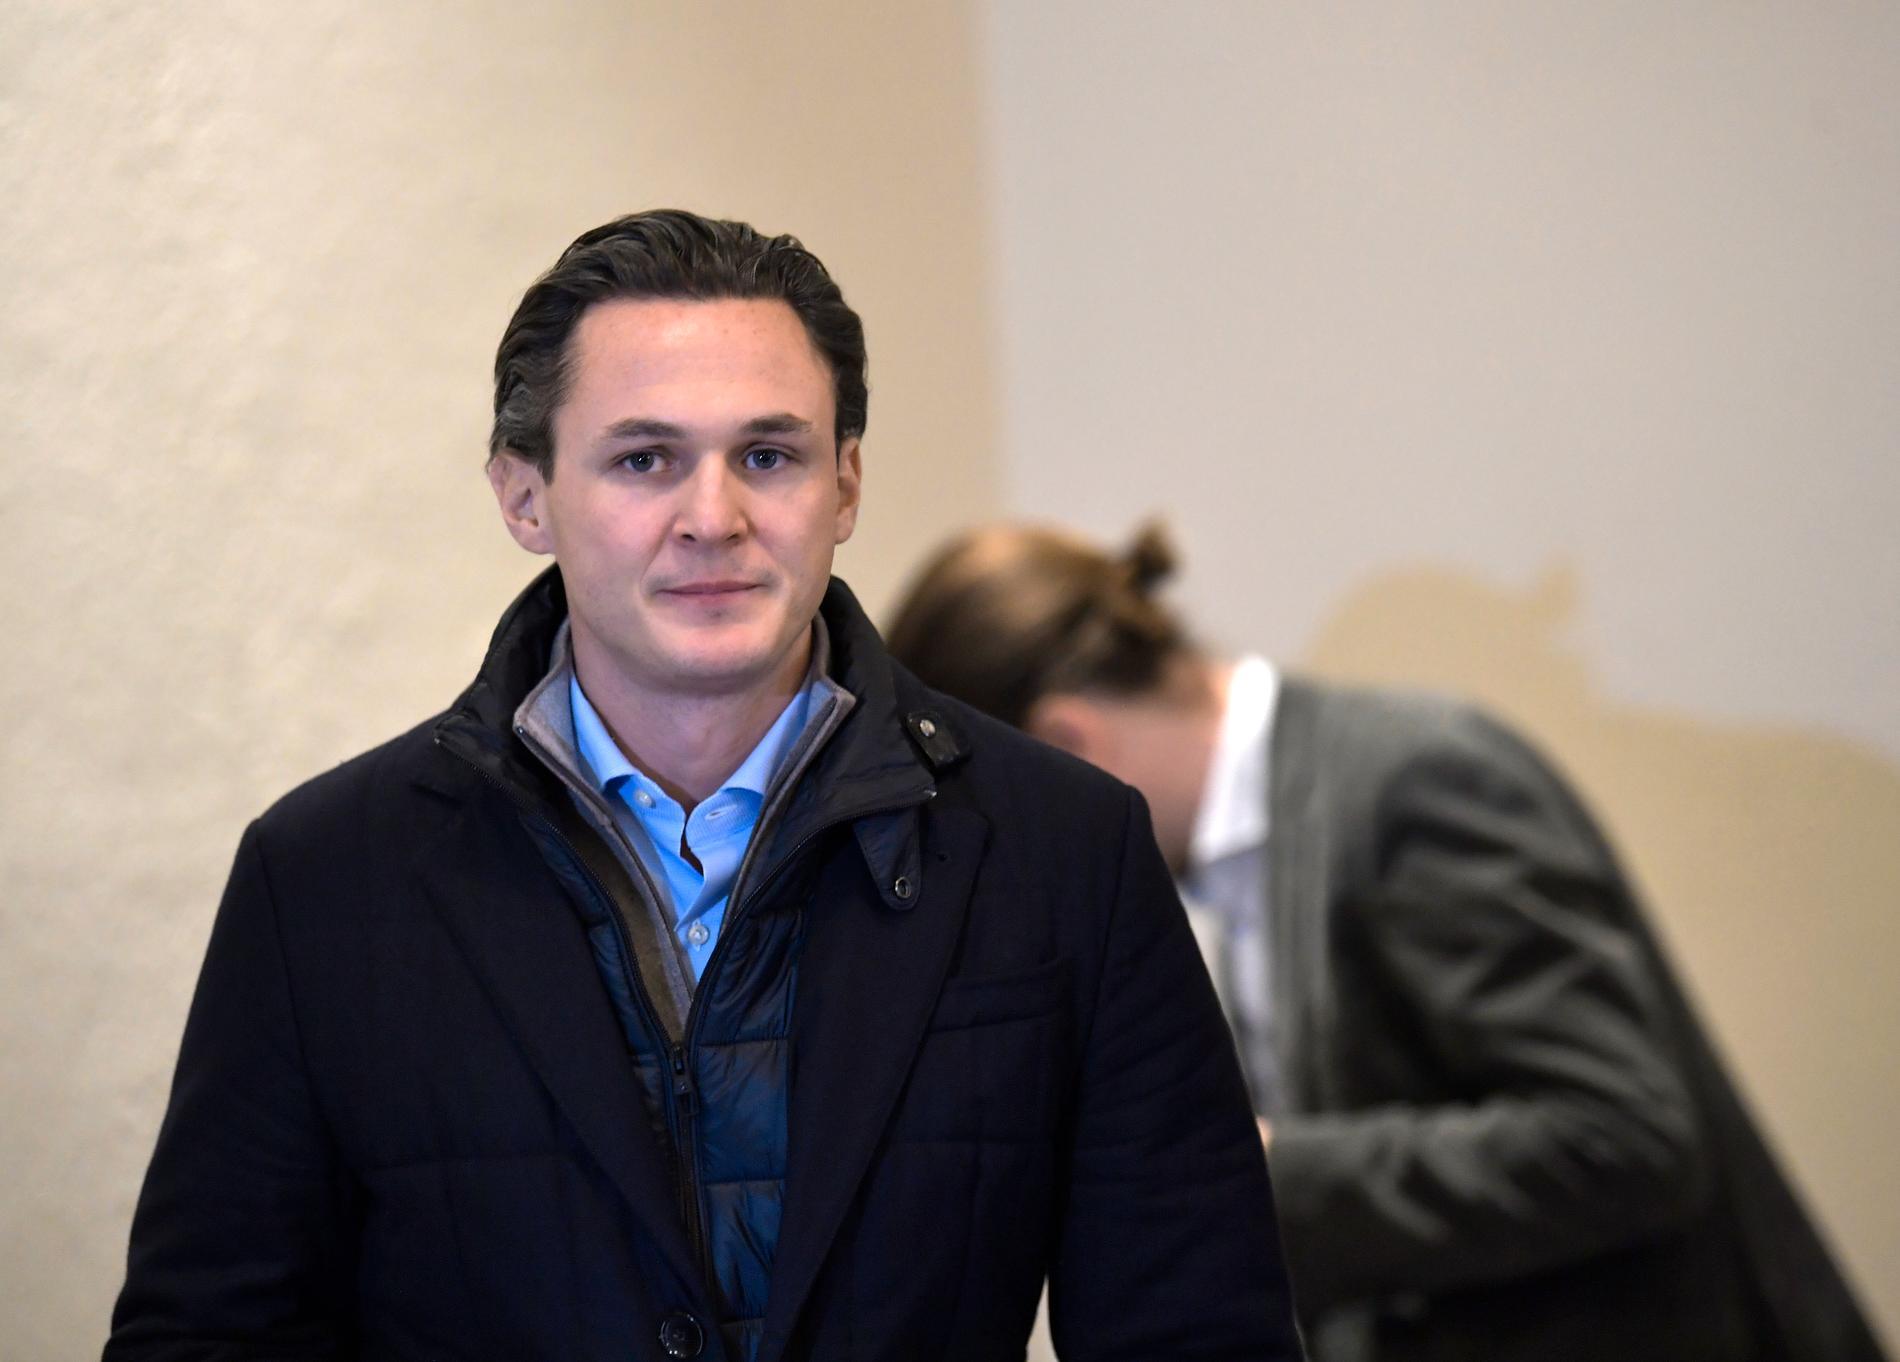 Allra vd:n Alexander Ernstberger och de övriga direktörerna frias helt av tingsrätten. En efter en föll åtalspunkterna.